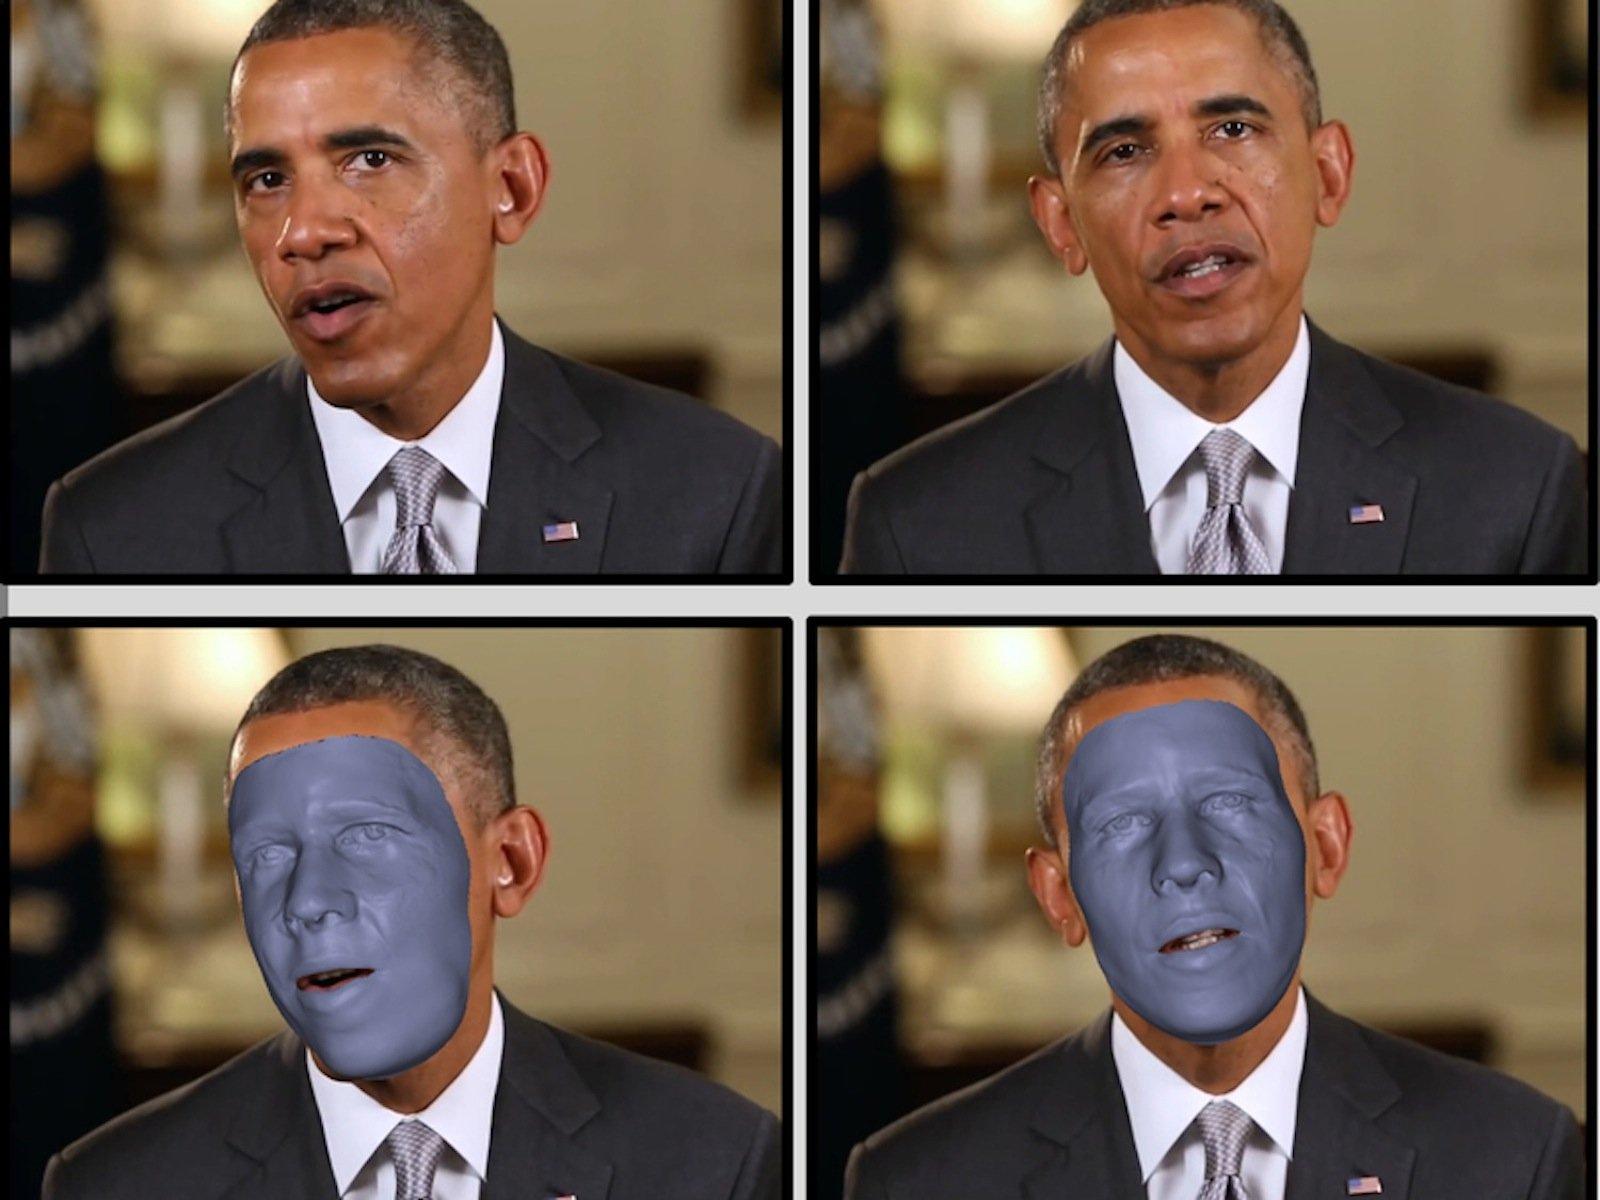 Das Gesicht des US-Präsidenten lässt sich mühelos in ein 3D-Modell übertragen. Mit einer neuen Software aus Saarbrücken.